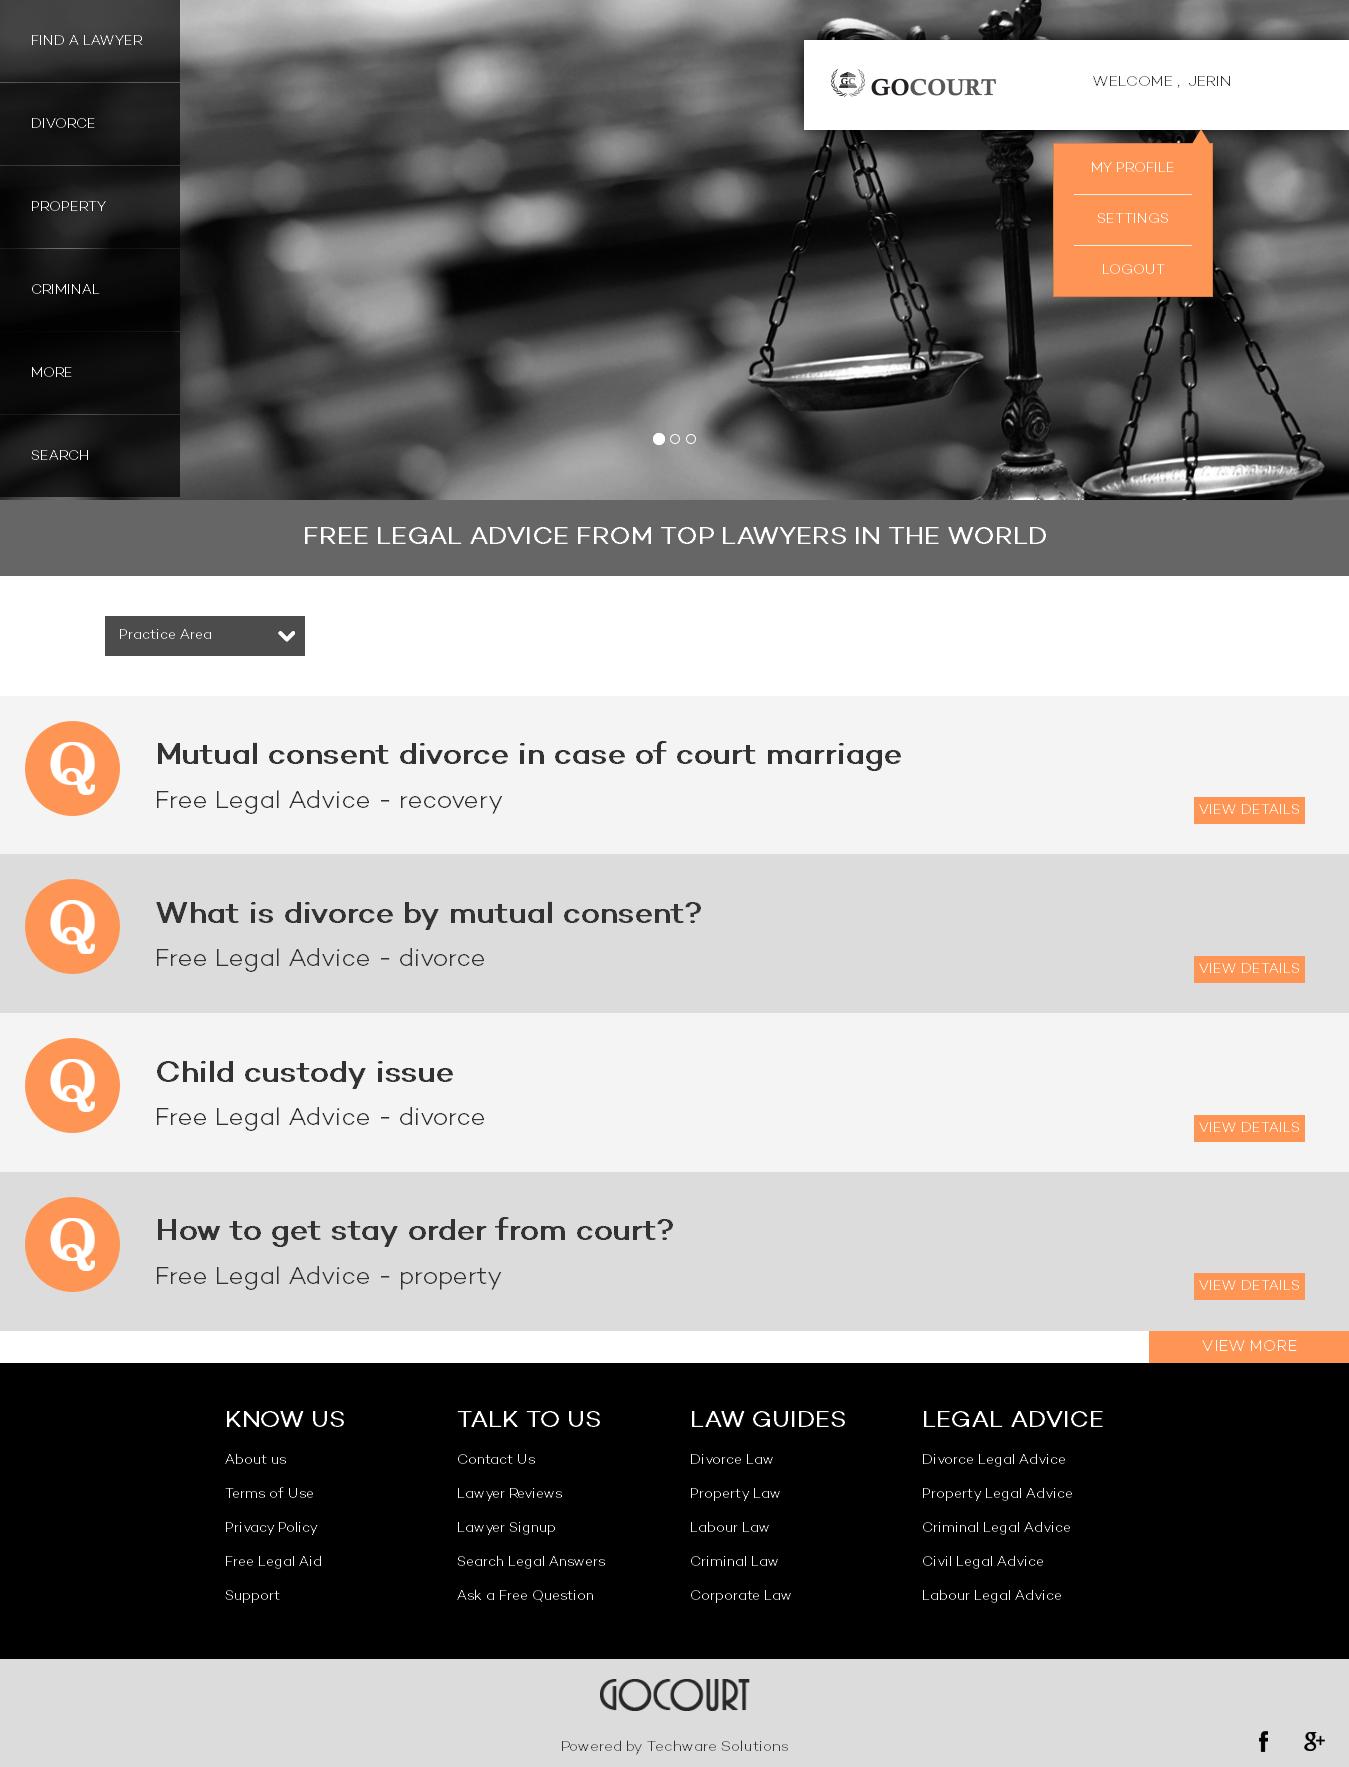 Sistema Advogado - Escritório advocacia - Soluções de reserva de advogado on-line - GOCOURT